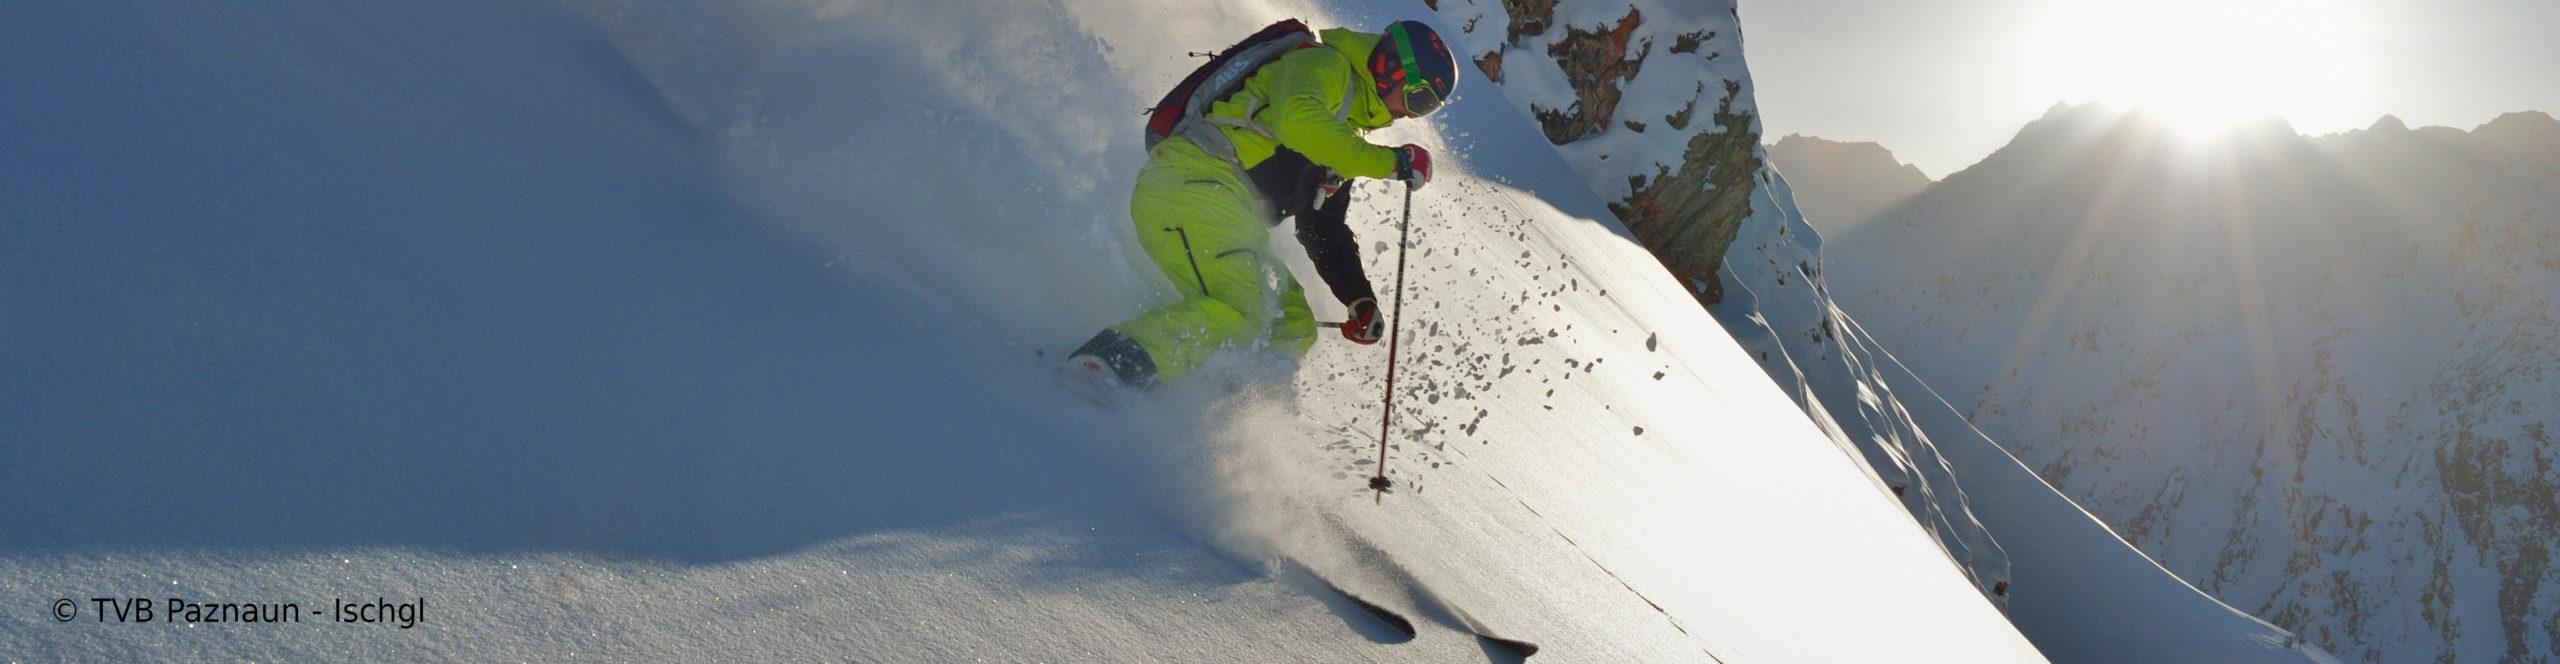 ISCHGL & SERFAUS – Skiwochenende in zwei der besten Skigebiete der Alpen